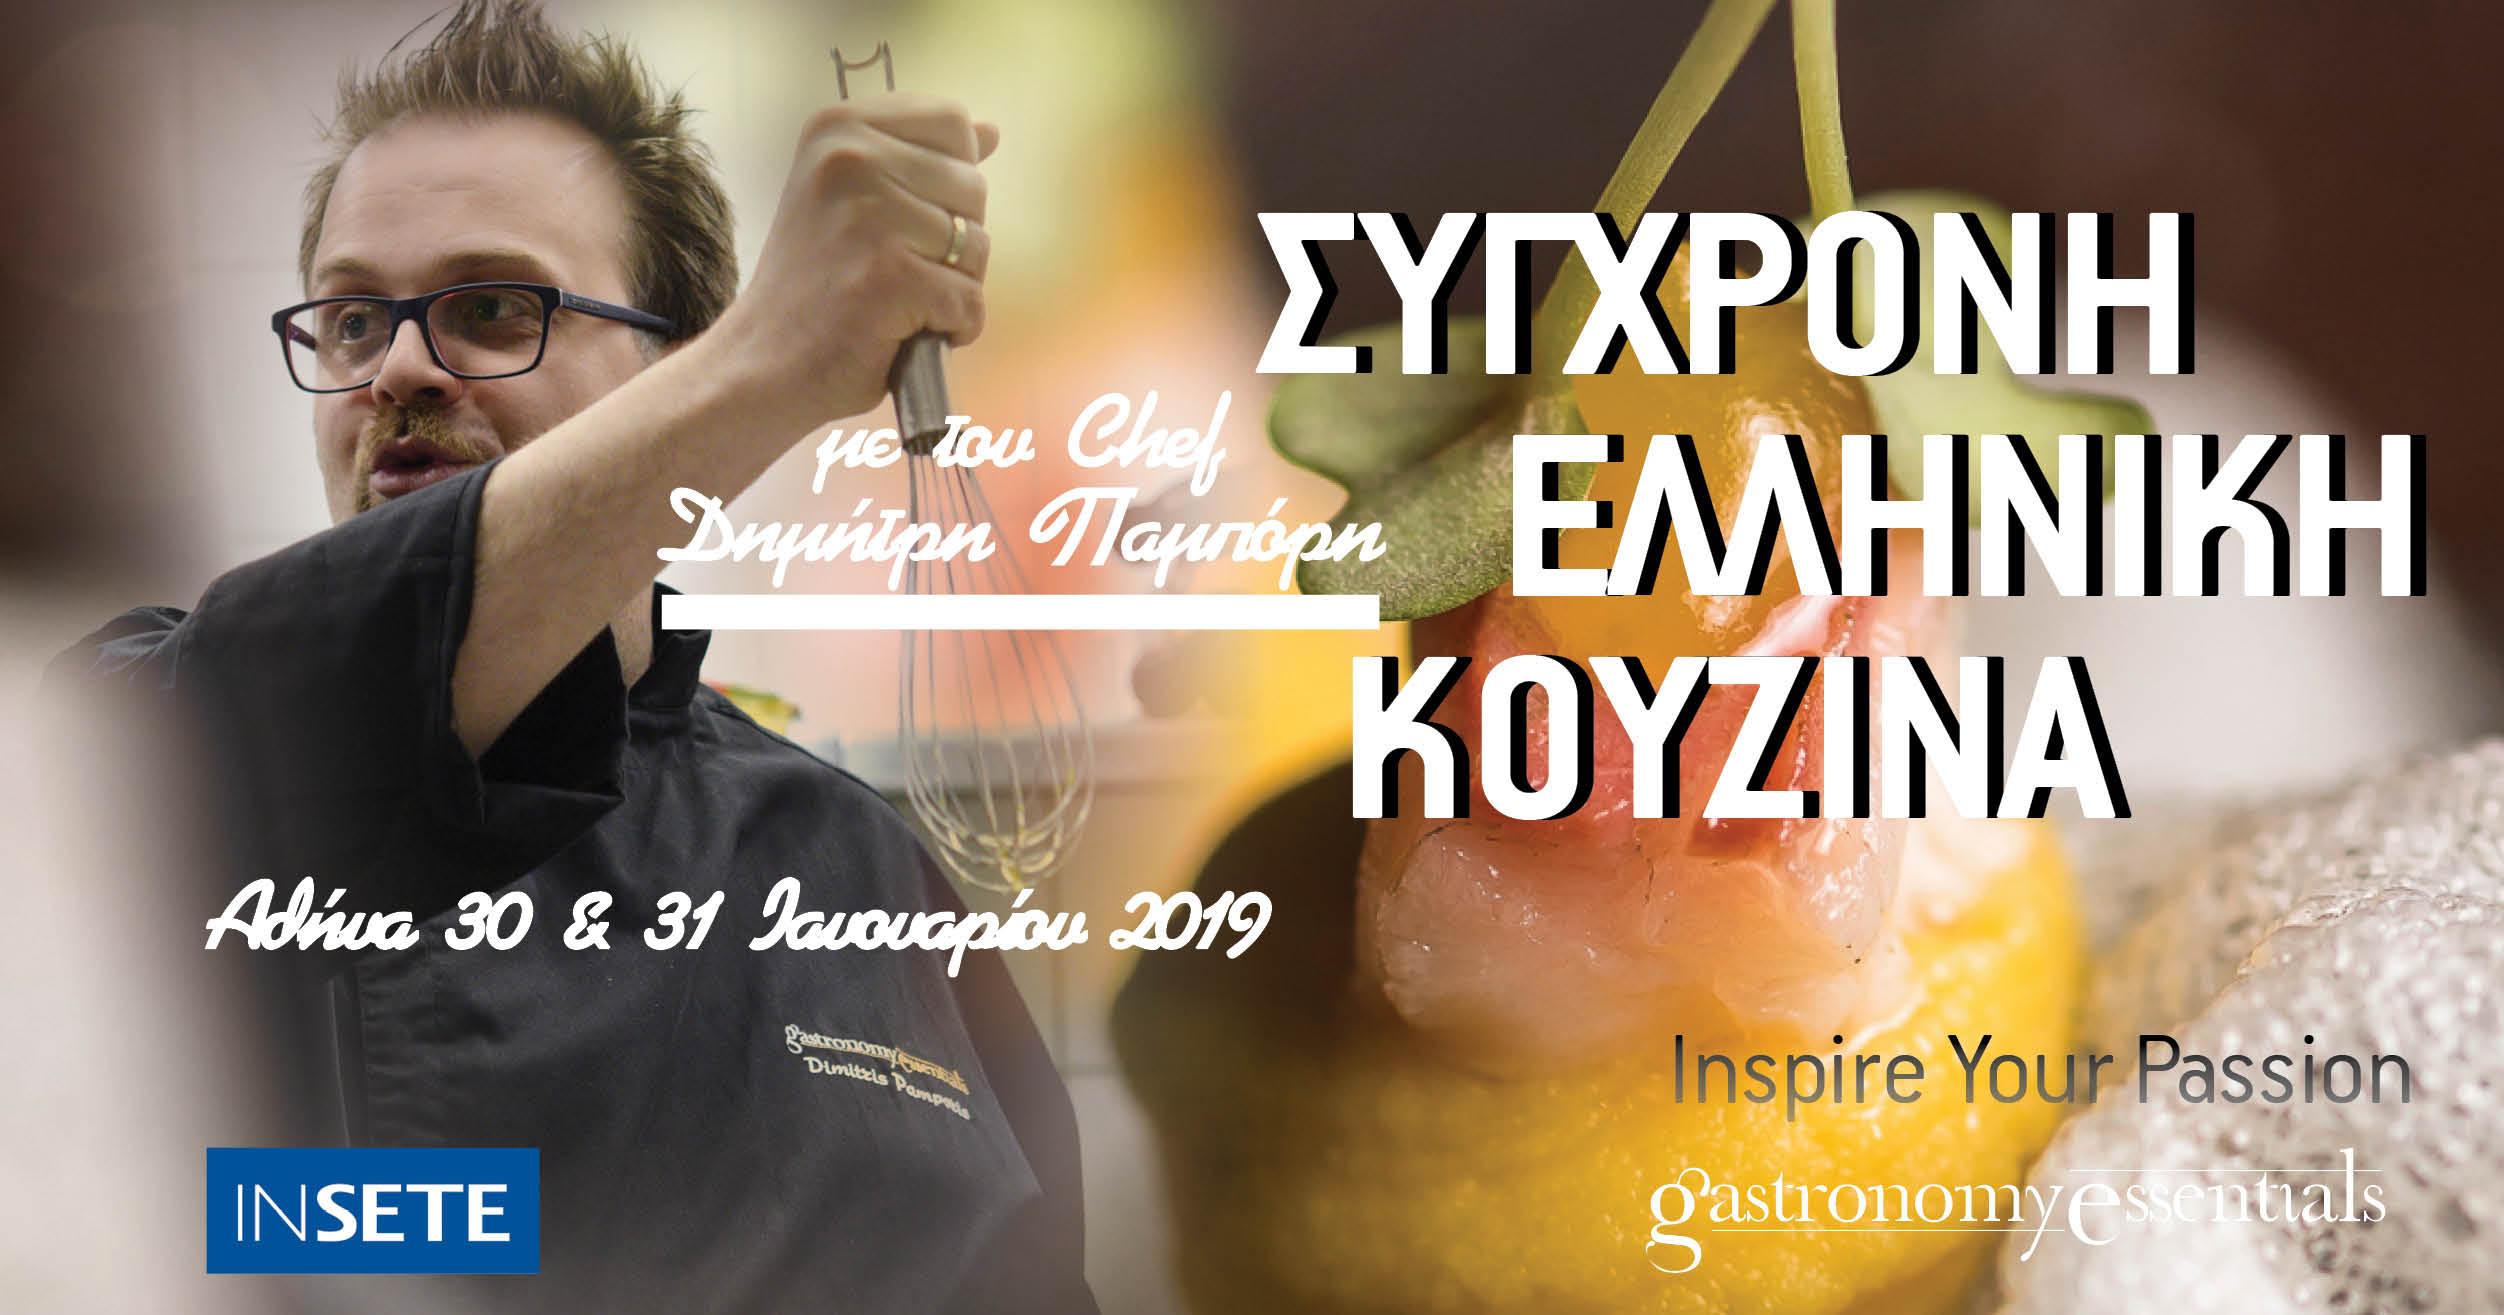 Σύγχρονη Ελληνική Κουζίνα - Αθήνα